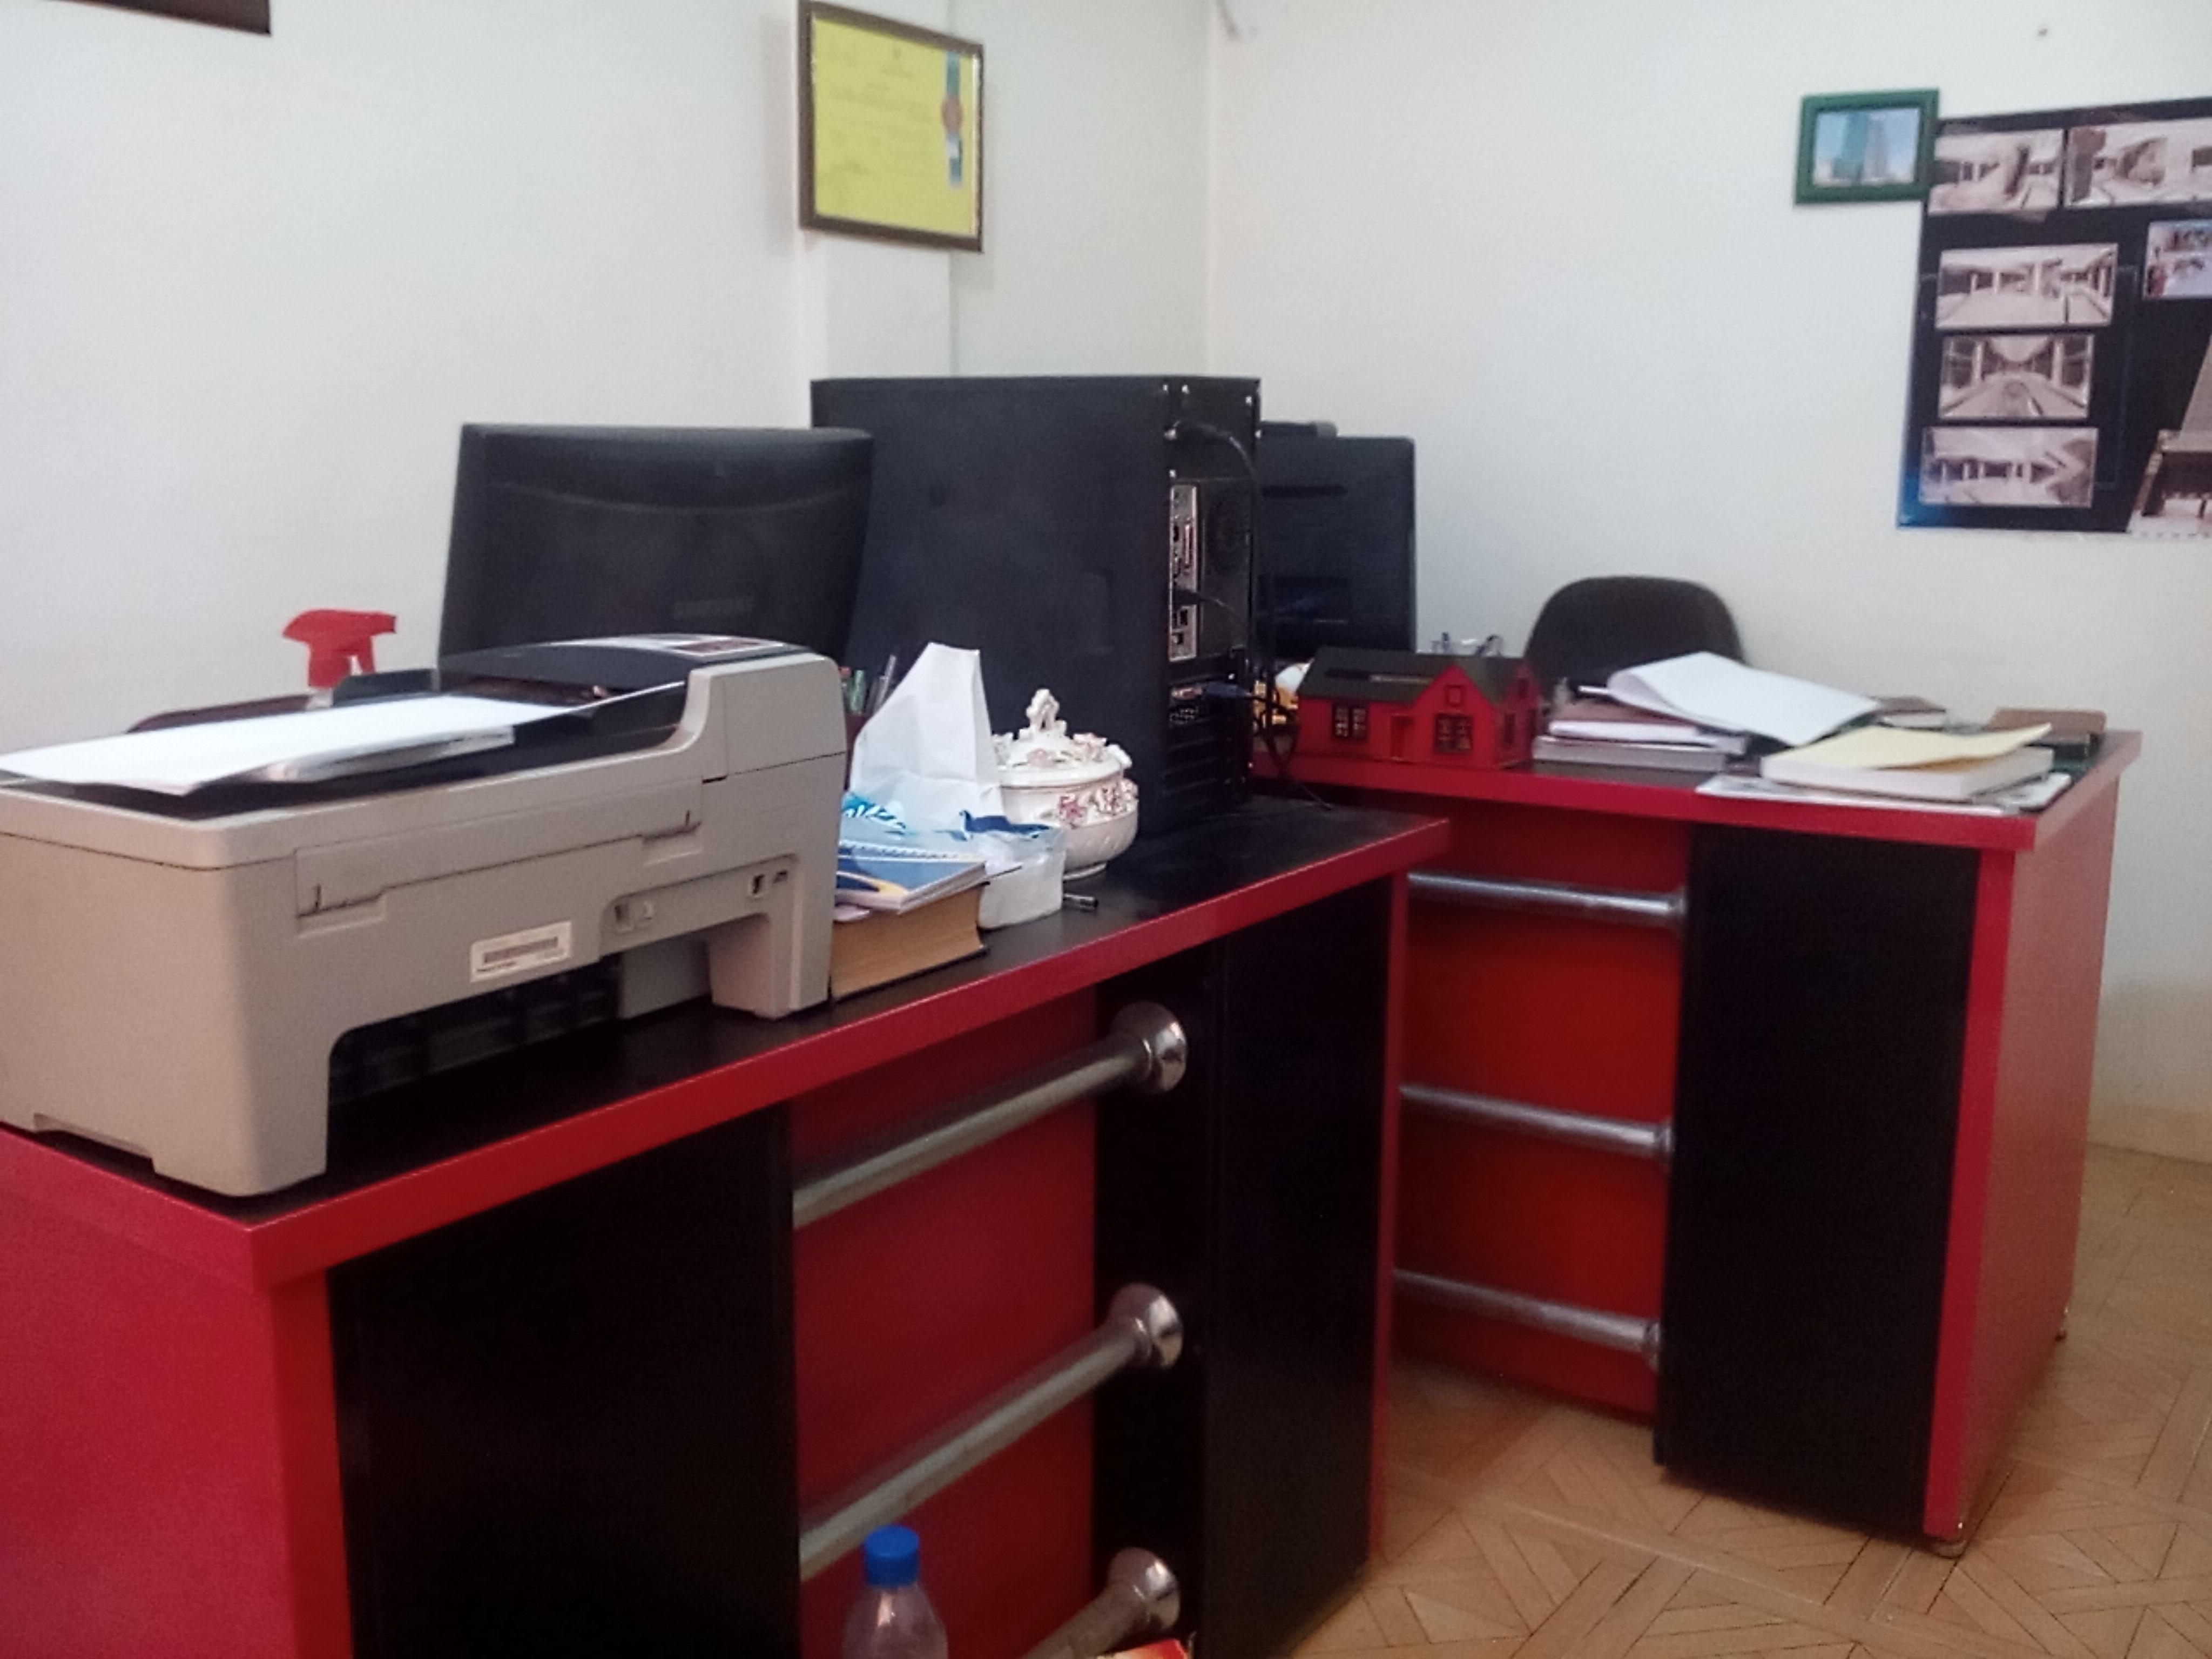 استخدام خانم جهت دفتر کار